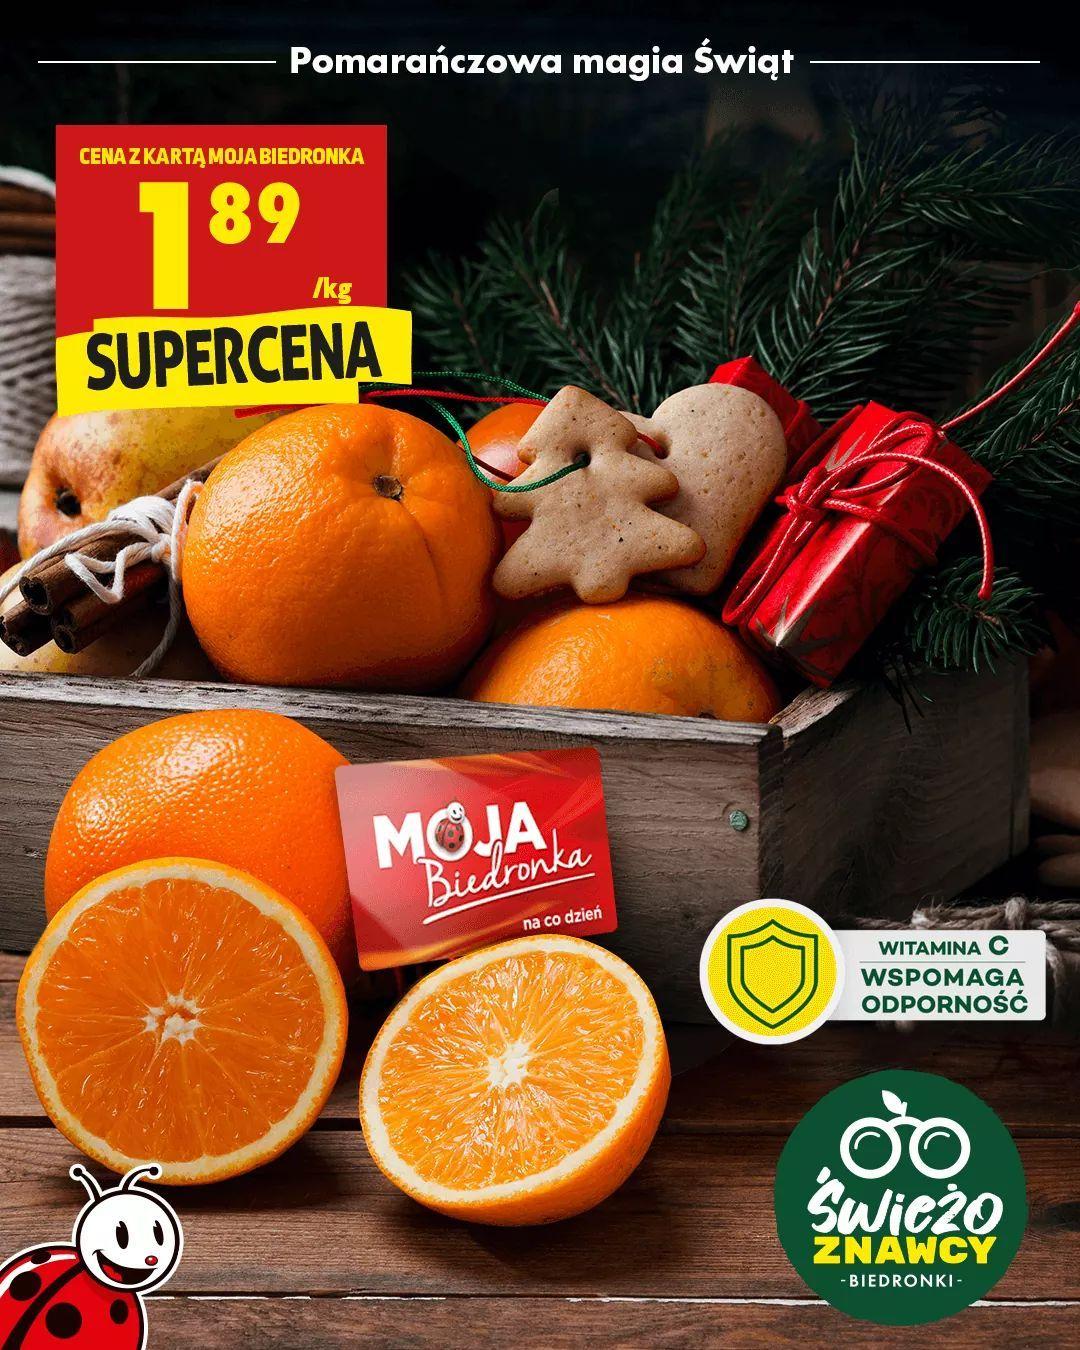 Pomarańcze deserowe 1.89zł/kg z kartą MB - Biedronka